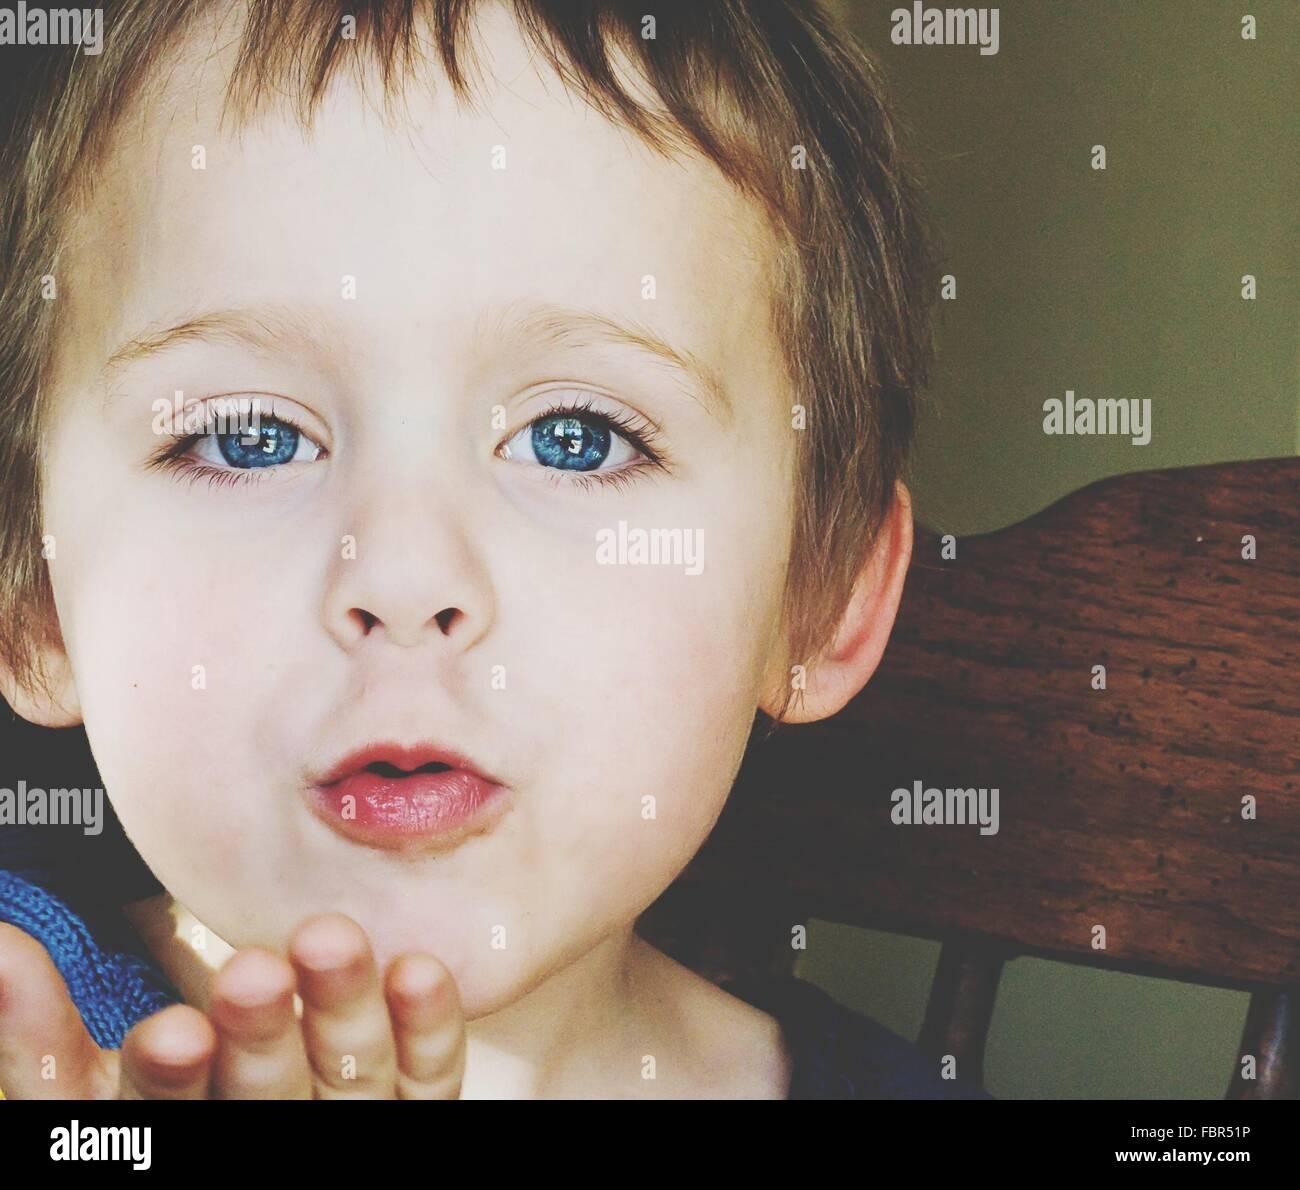 Retrato de niño de lindos ojos azules soplando un beso Imagen De Stock